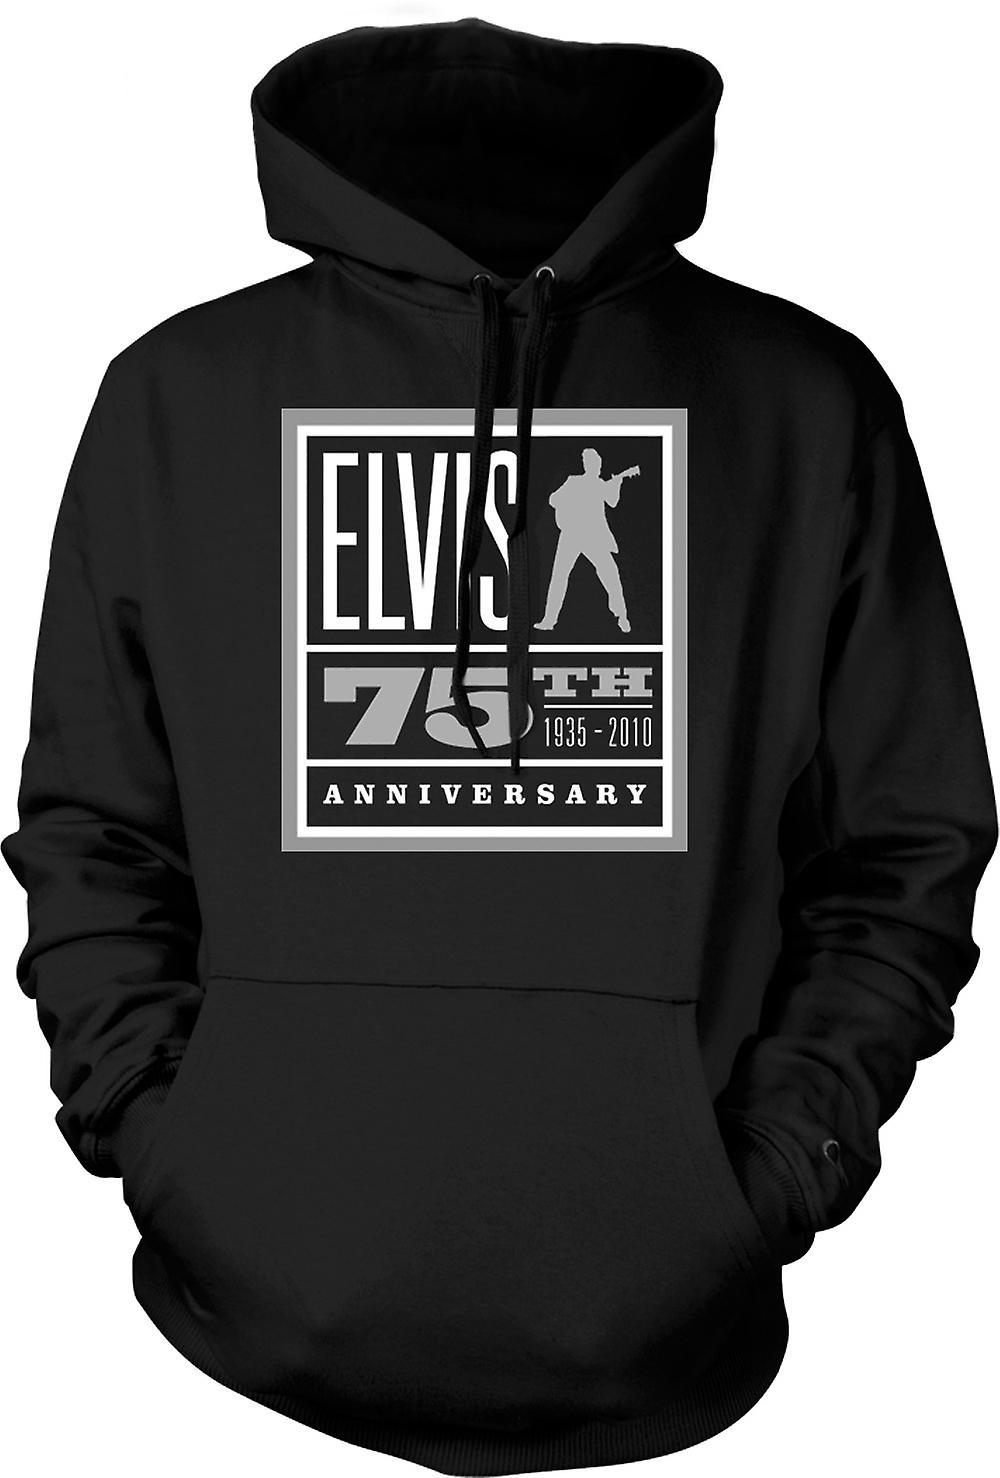 Para hombre con capucha - Elvis Presley - 75 aniversario